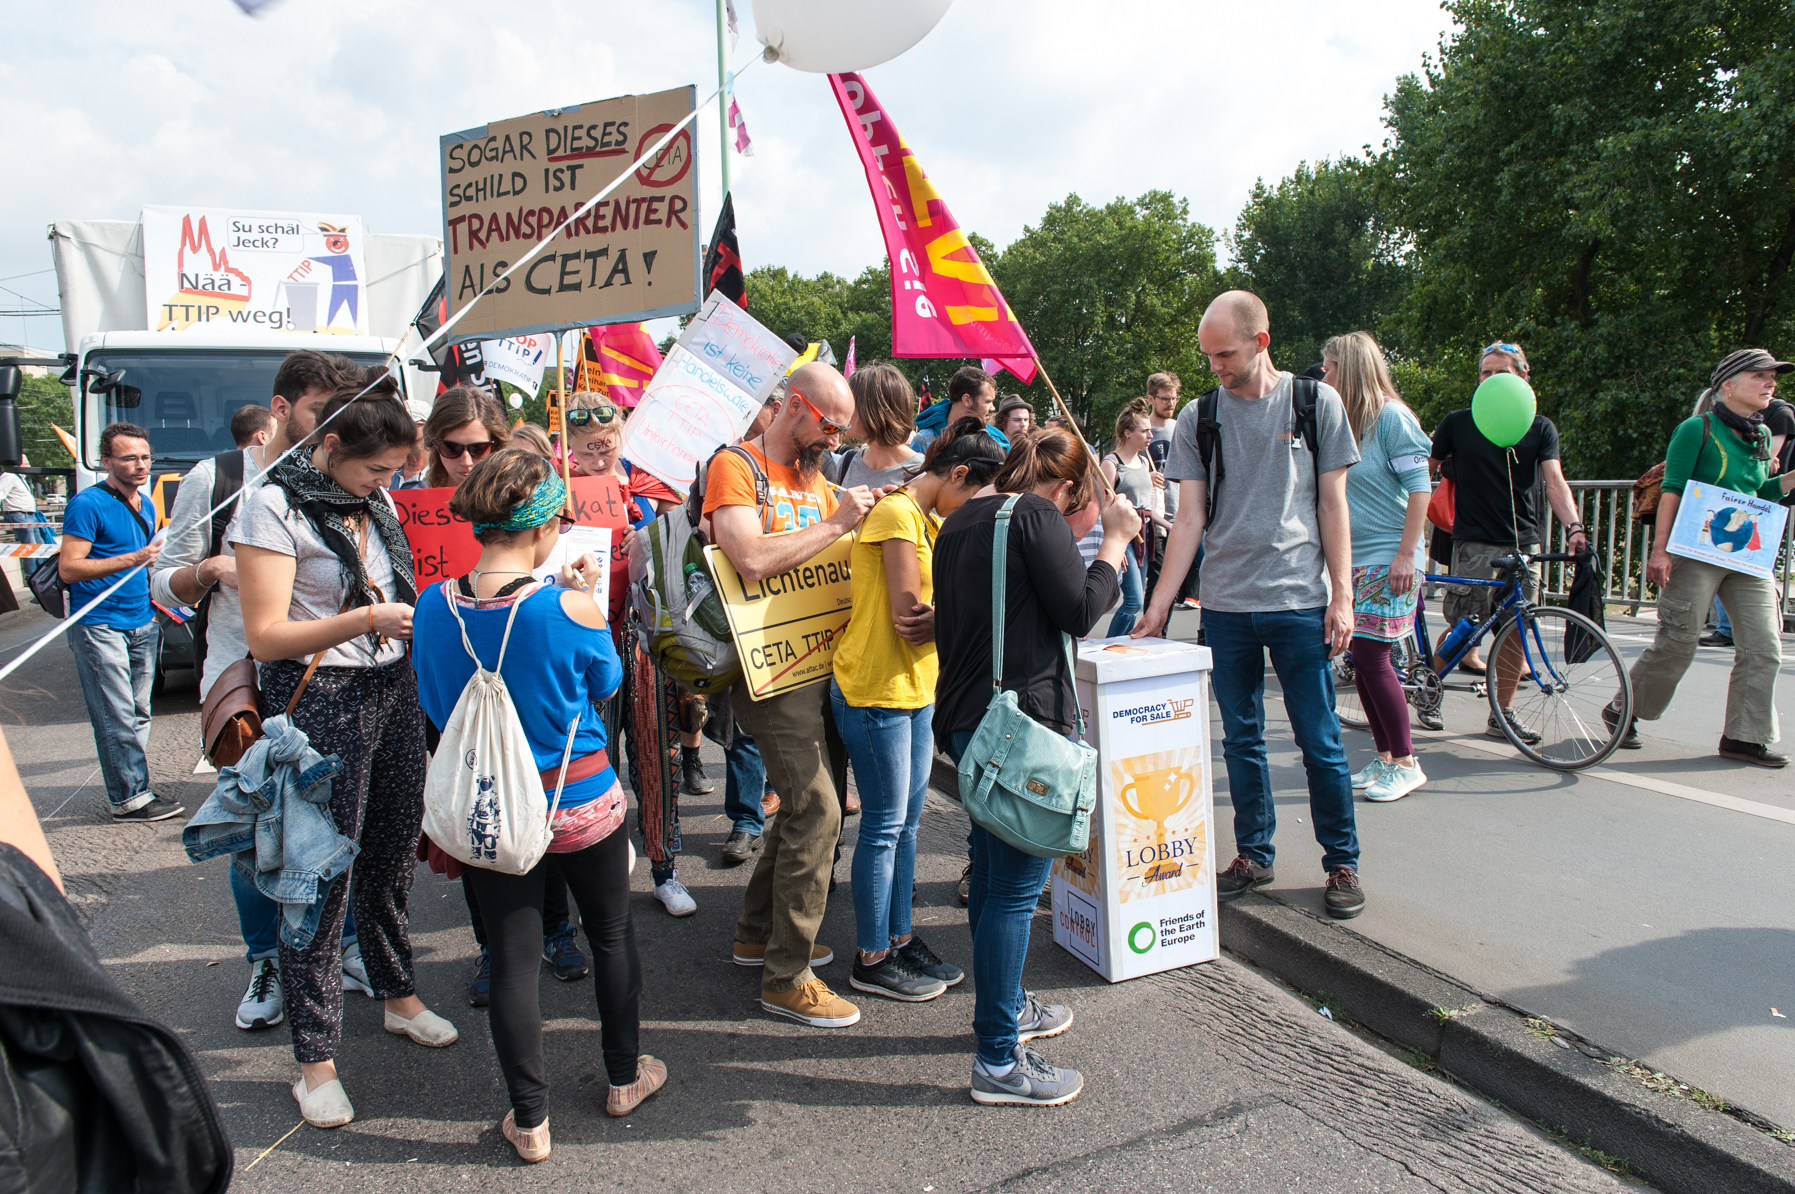 Demoteilnehmer/Innen stimmen über den dreistesten TTIP-Lobbyisten ab.